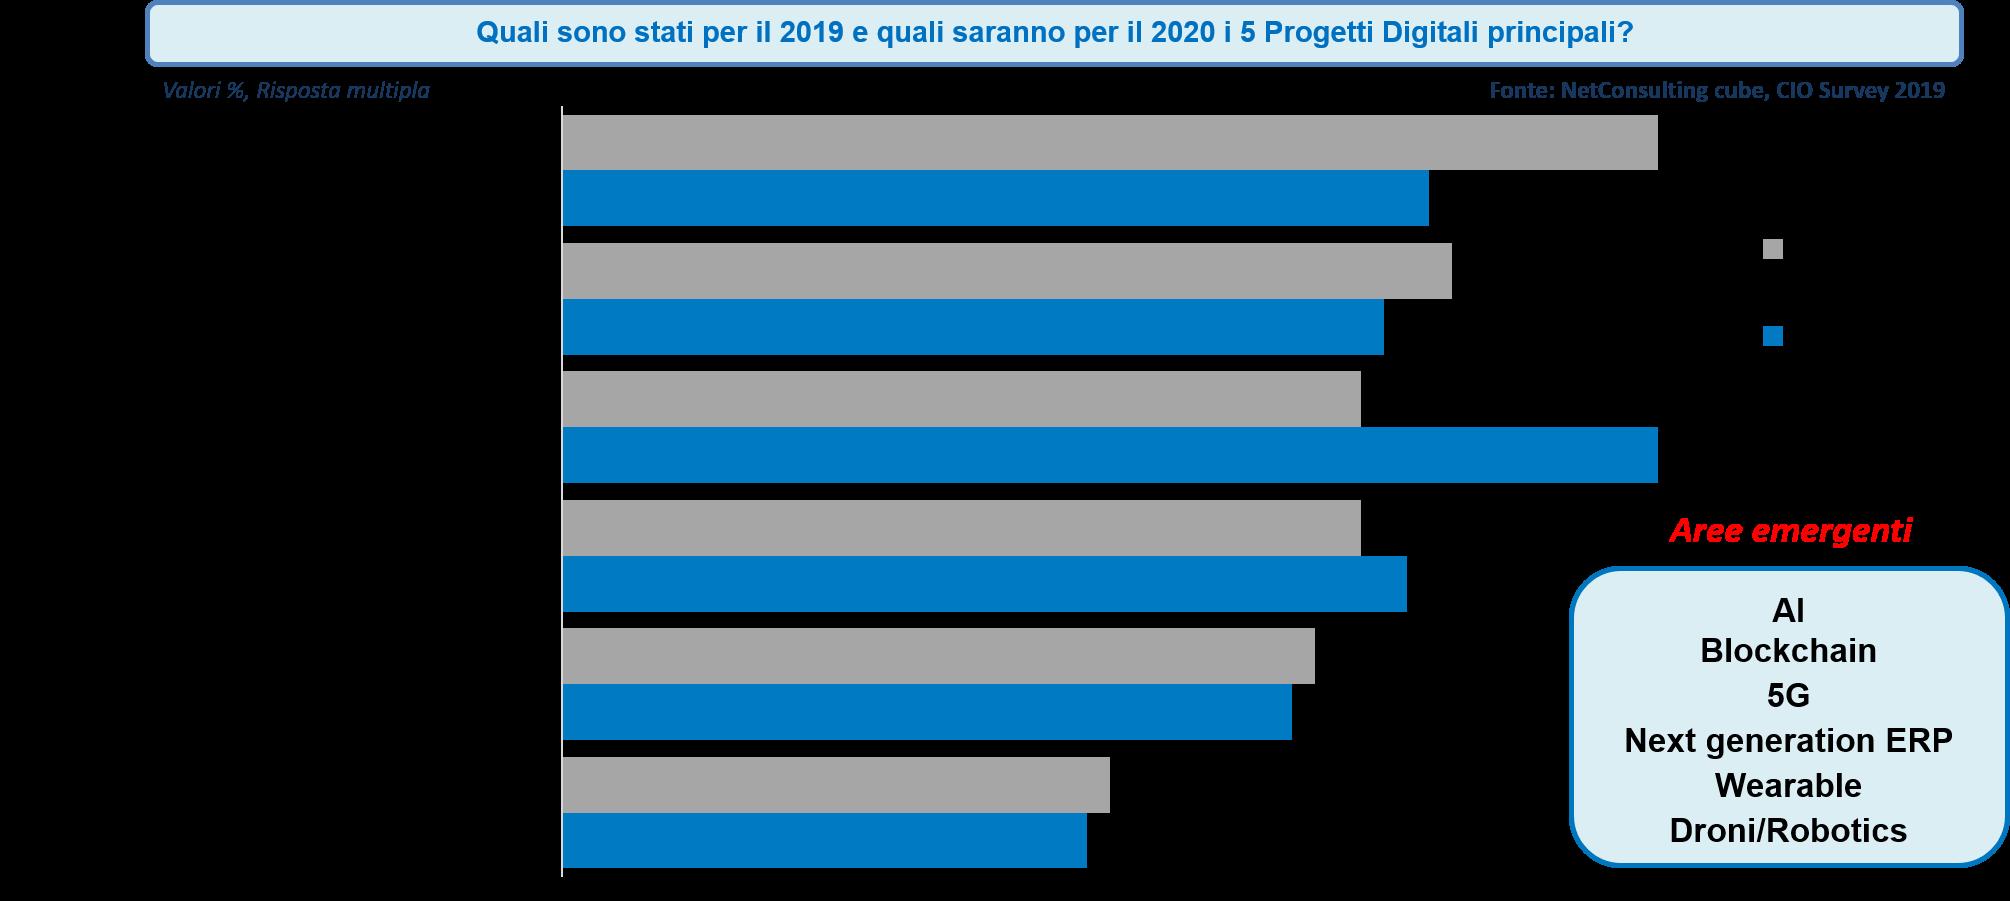 Principali progetti digitali, 2019-2020 -Fonte: NetConsulting cube, CIO Survey 2019